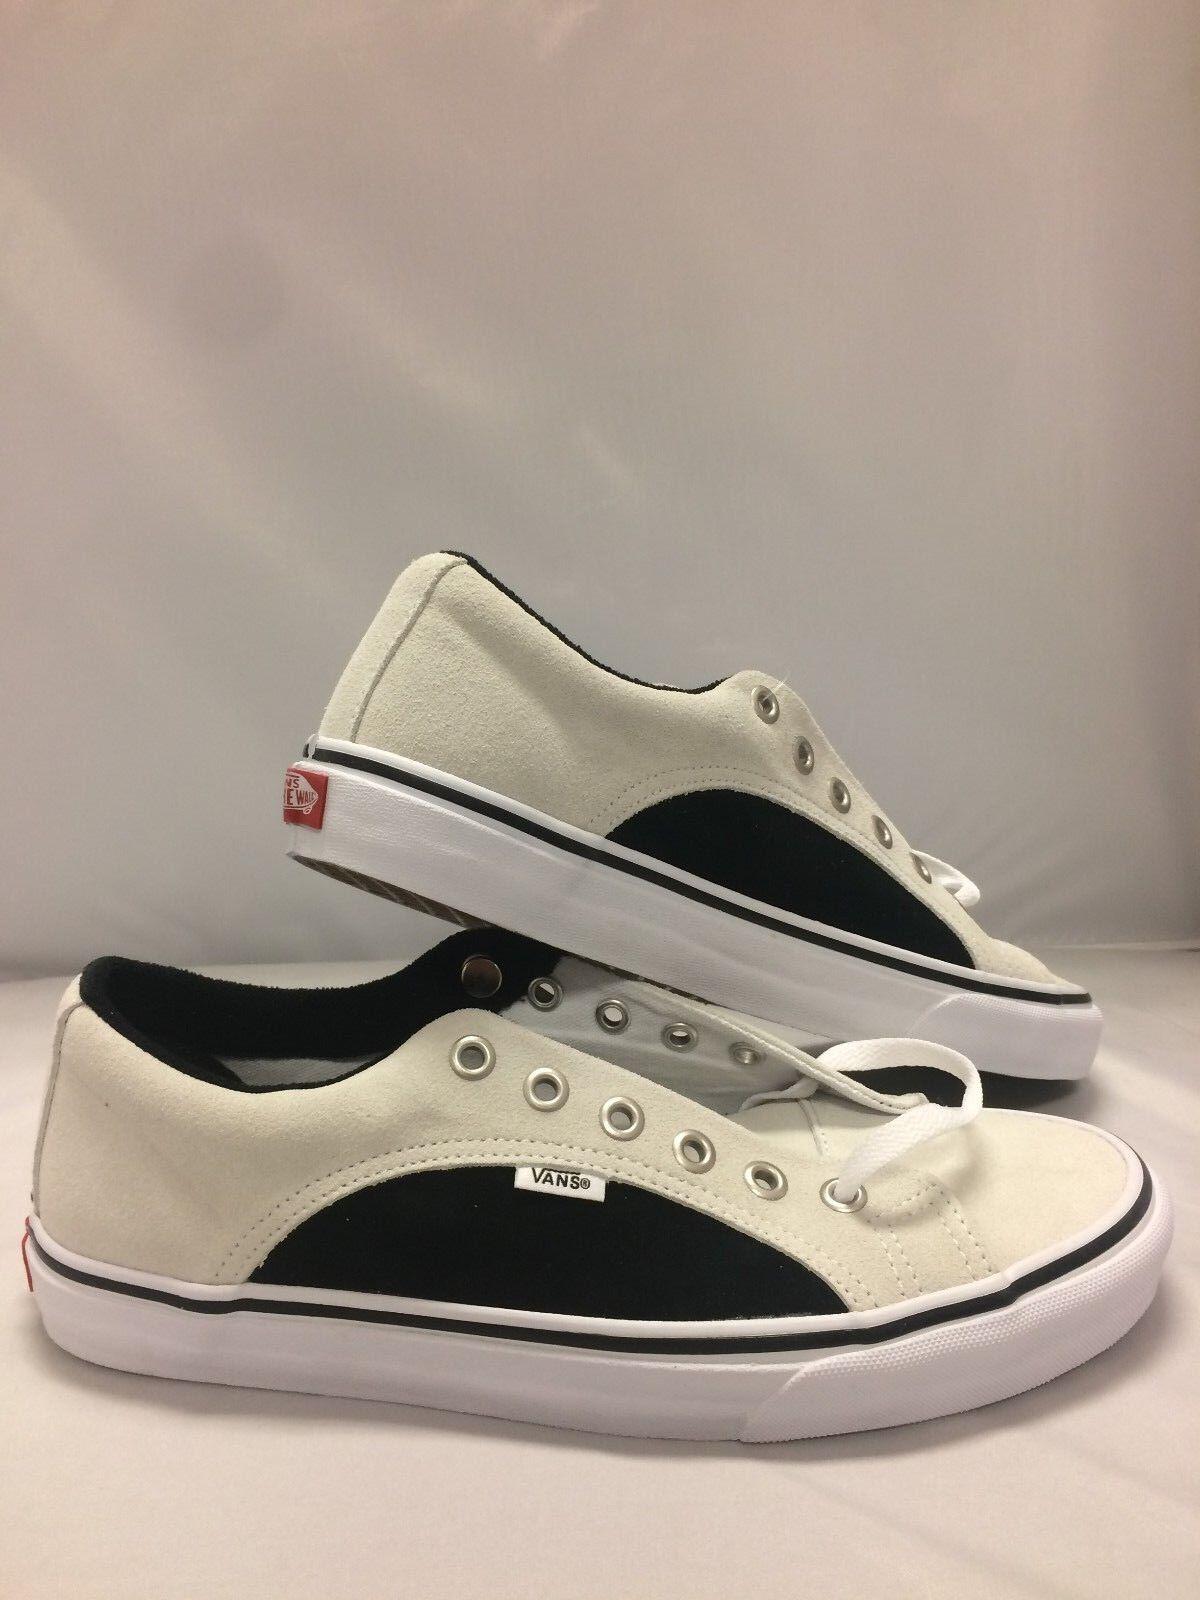 Vans Men's shoes  Lampin  (2-Tone Suede) True White